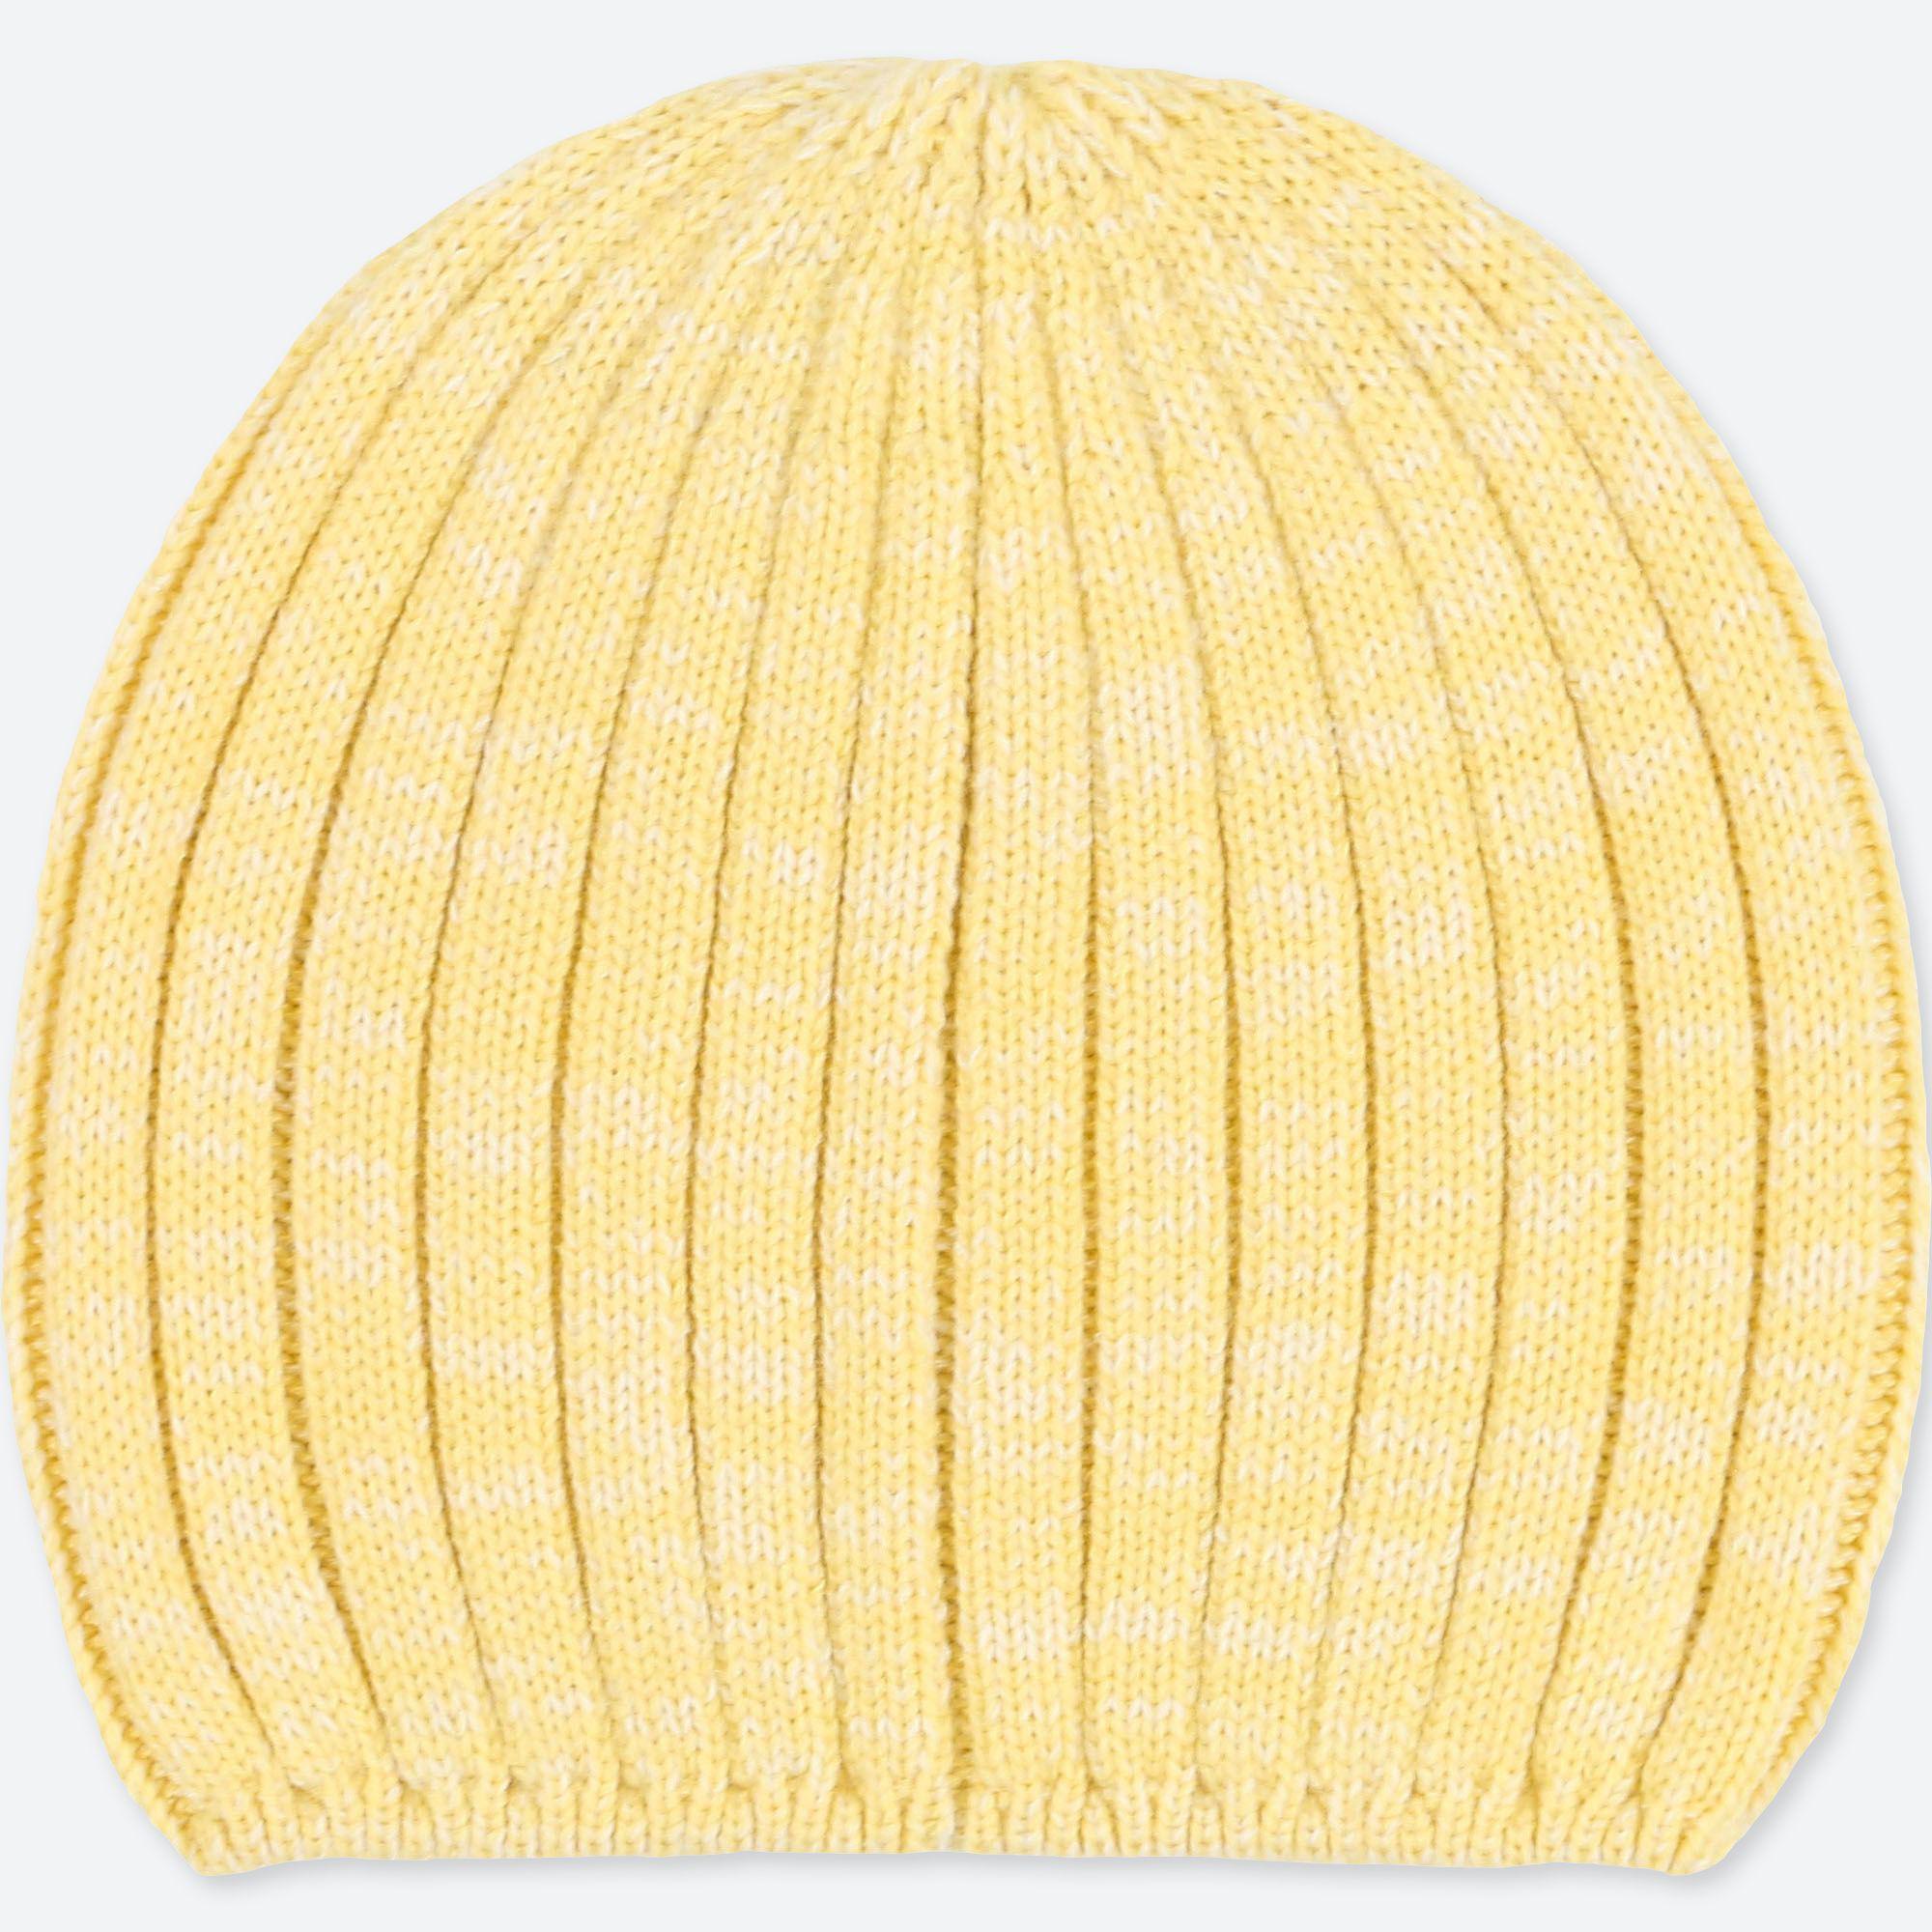 0440497b04b Uniqlo Women Heattech Knitted Beanie in Yellow - Lyst